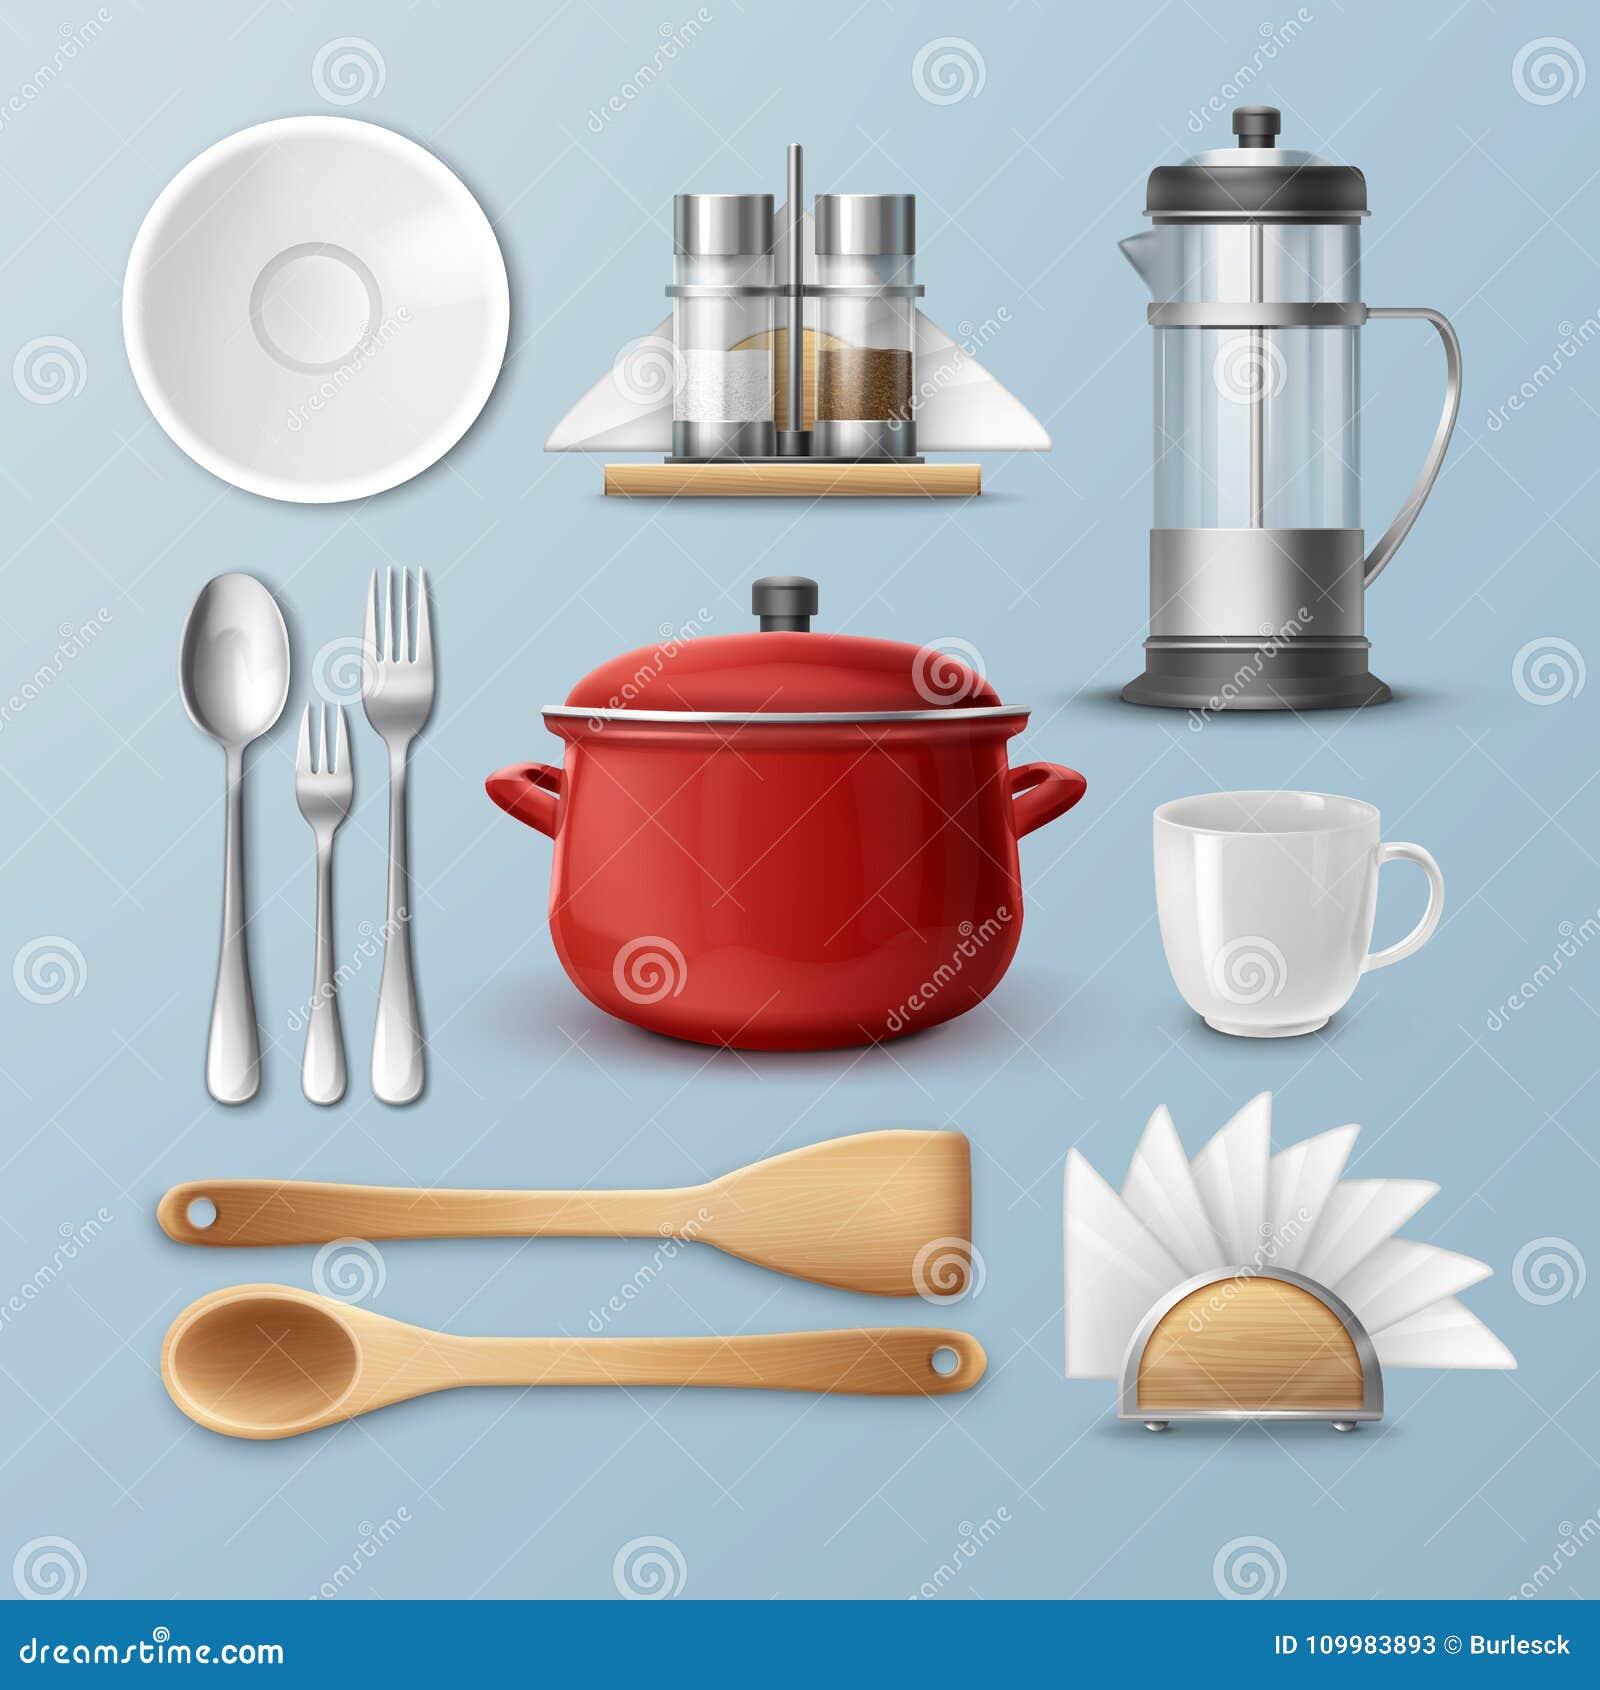 le dernier 77c16 77976 Ensemble De Vaisselle De Cuisine Illustration de Vecteur ...